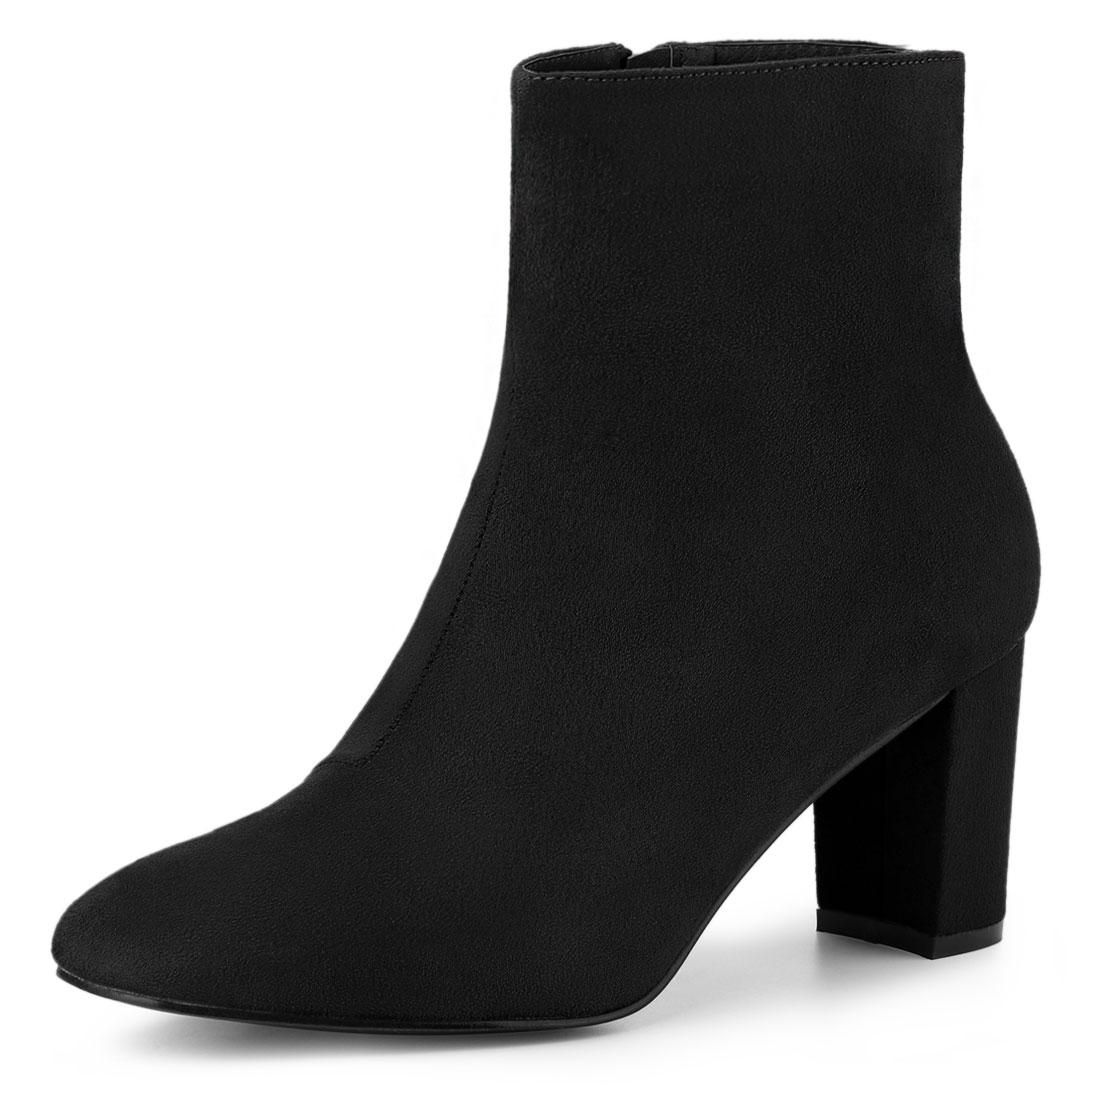 Allegra K Women's Dress Side Zip Chunky Heel Ankle Boots Black US 8